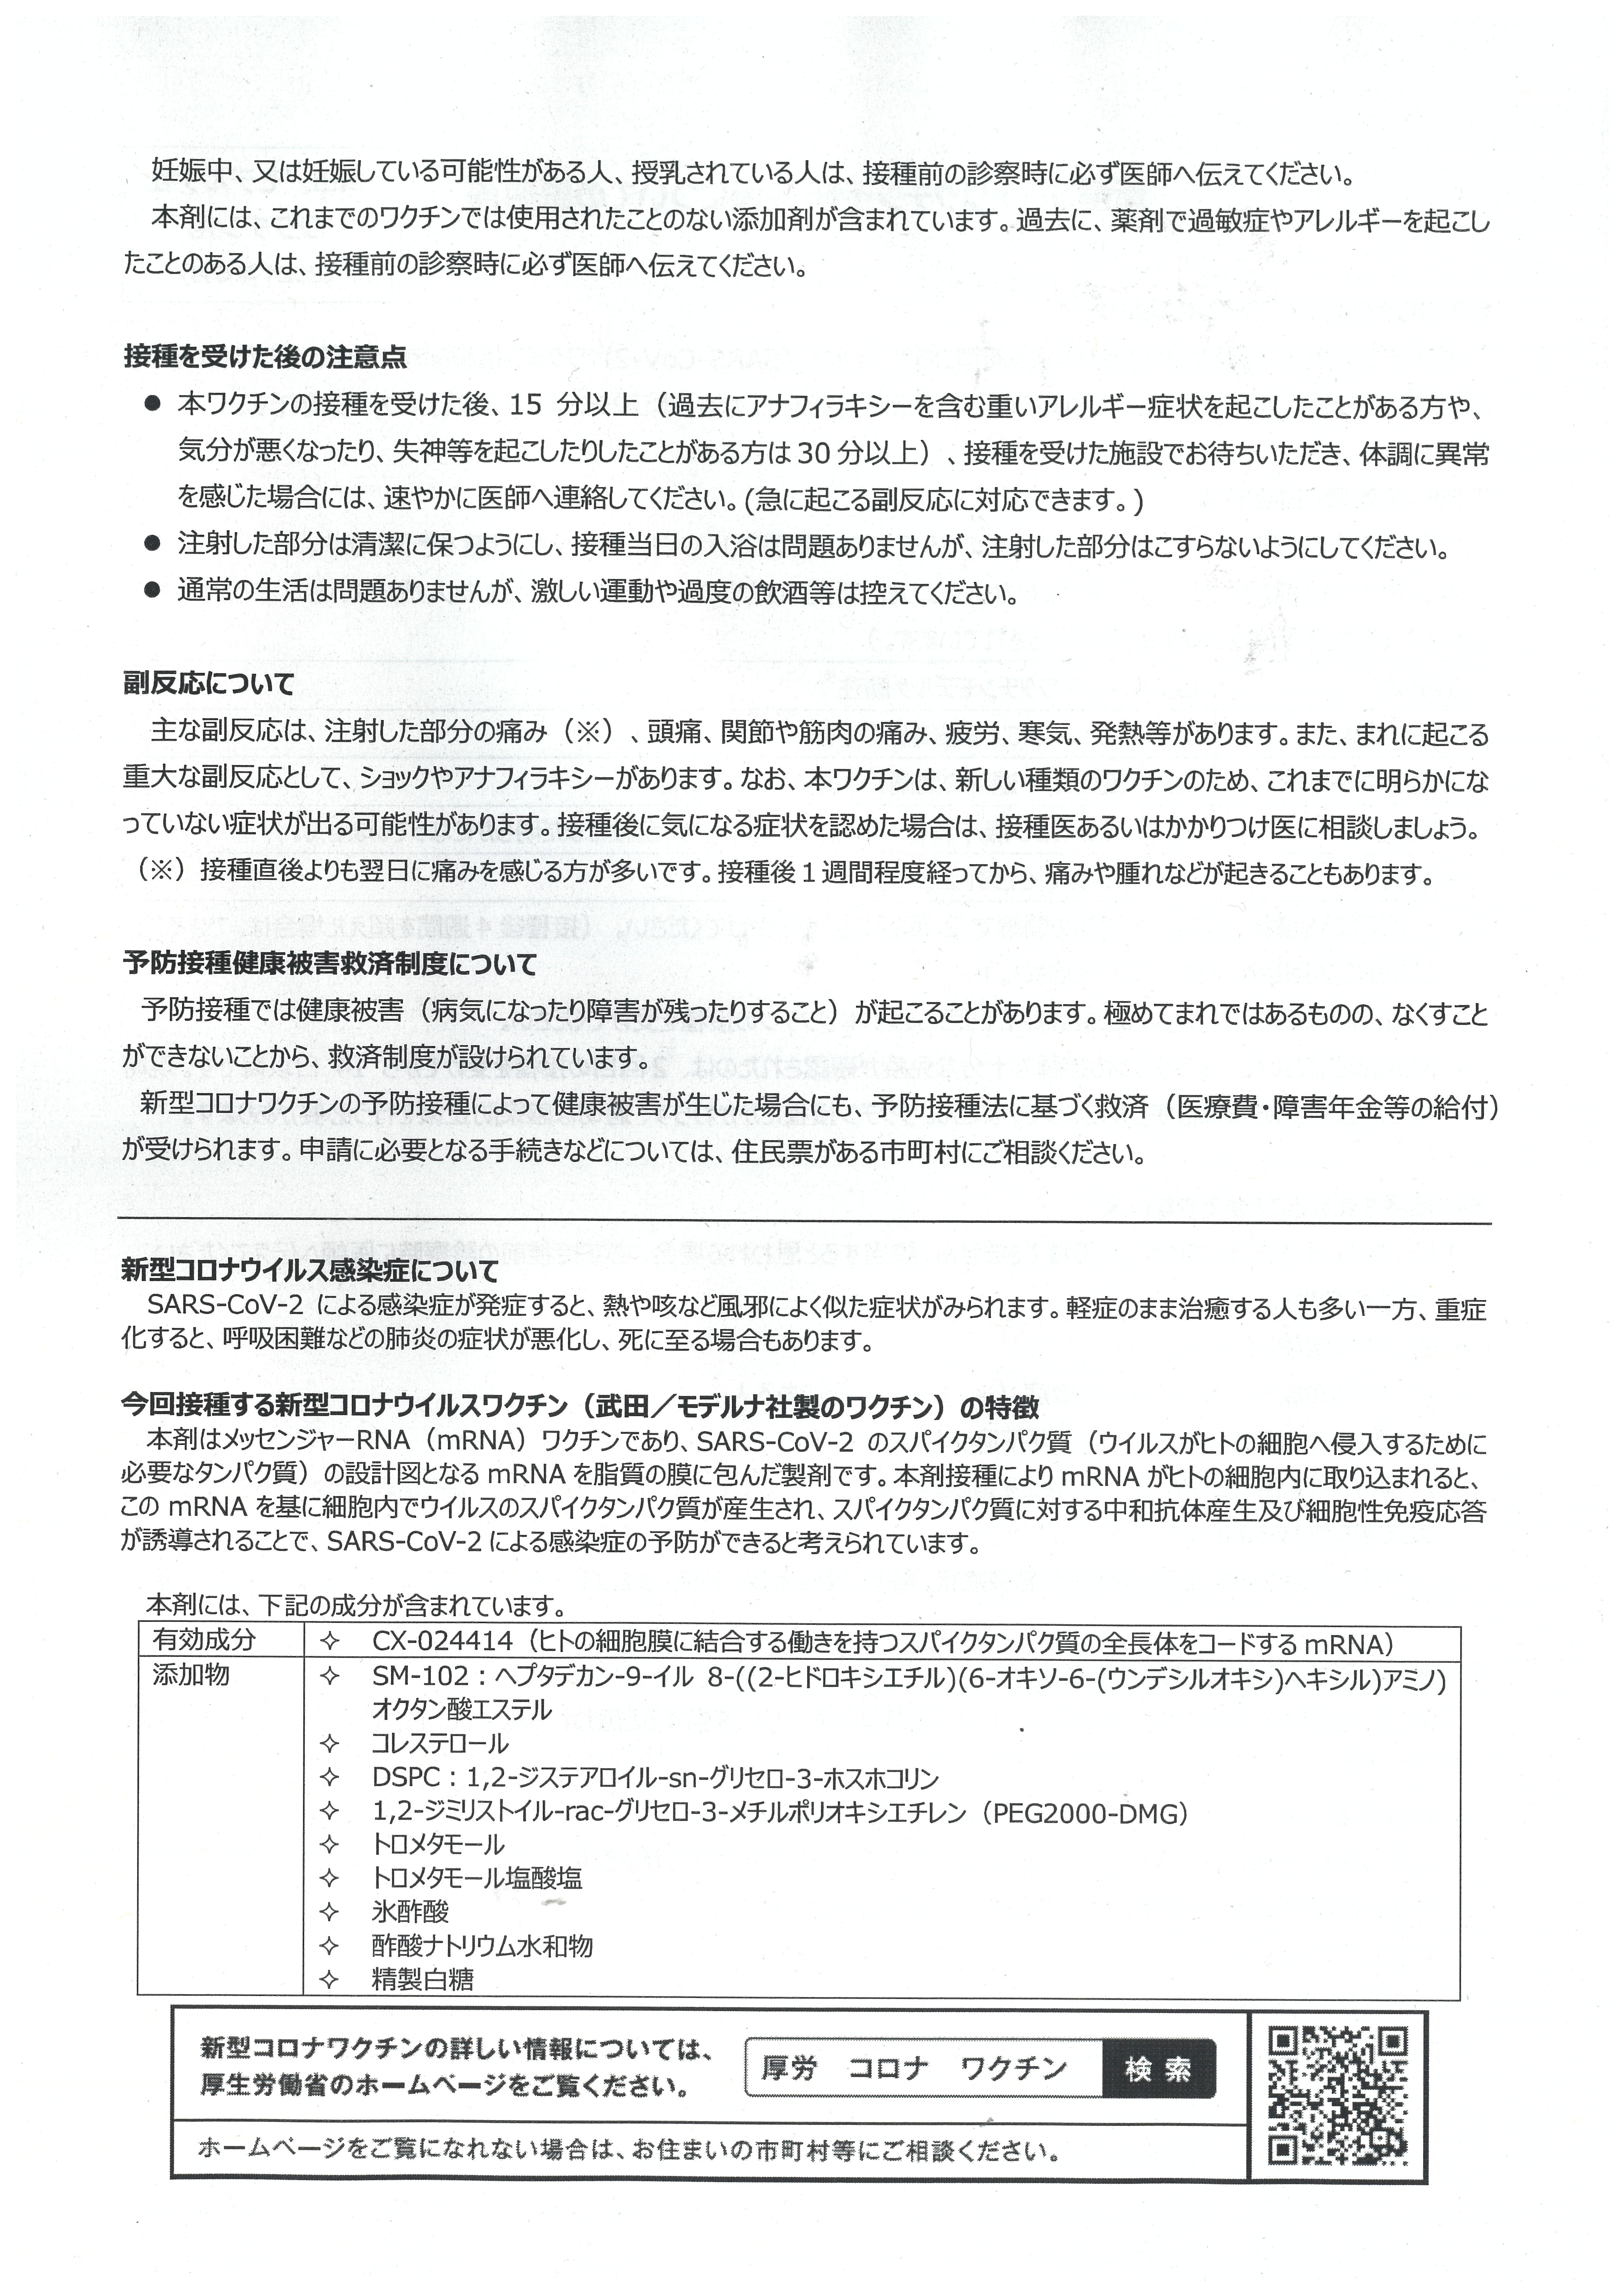 新型コロナワクチン予防接種についての説明書(武田 モデルナ社)裏